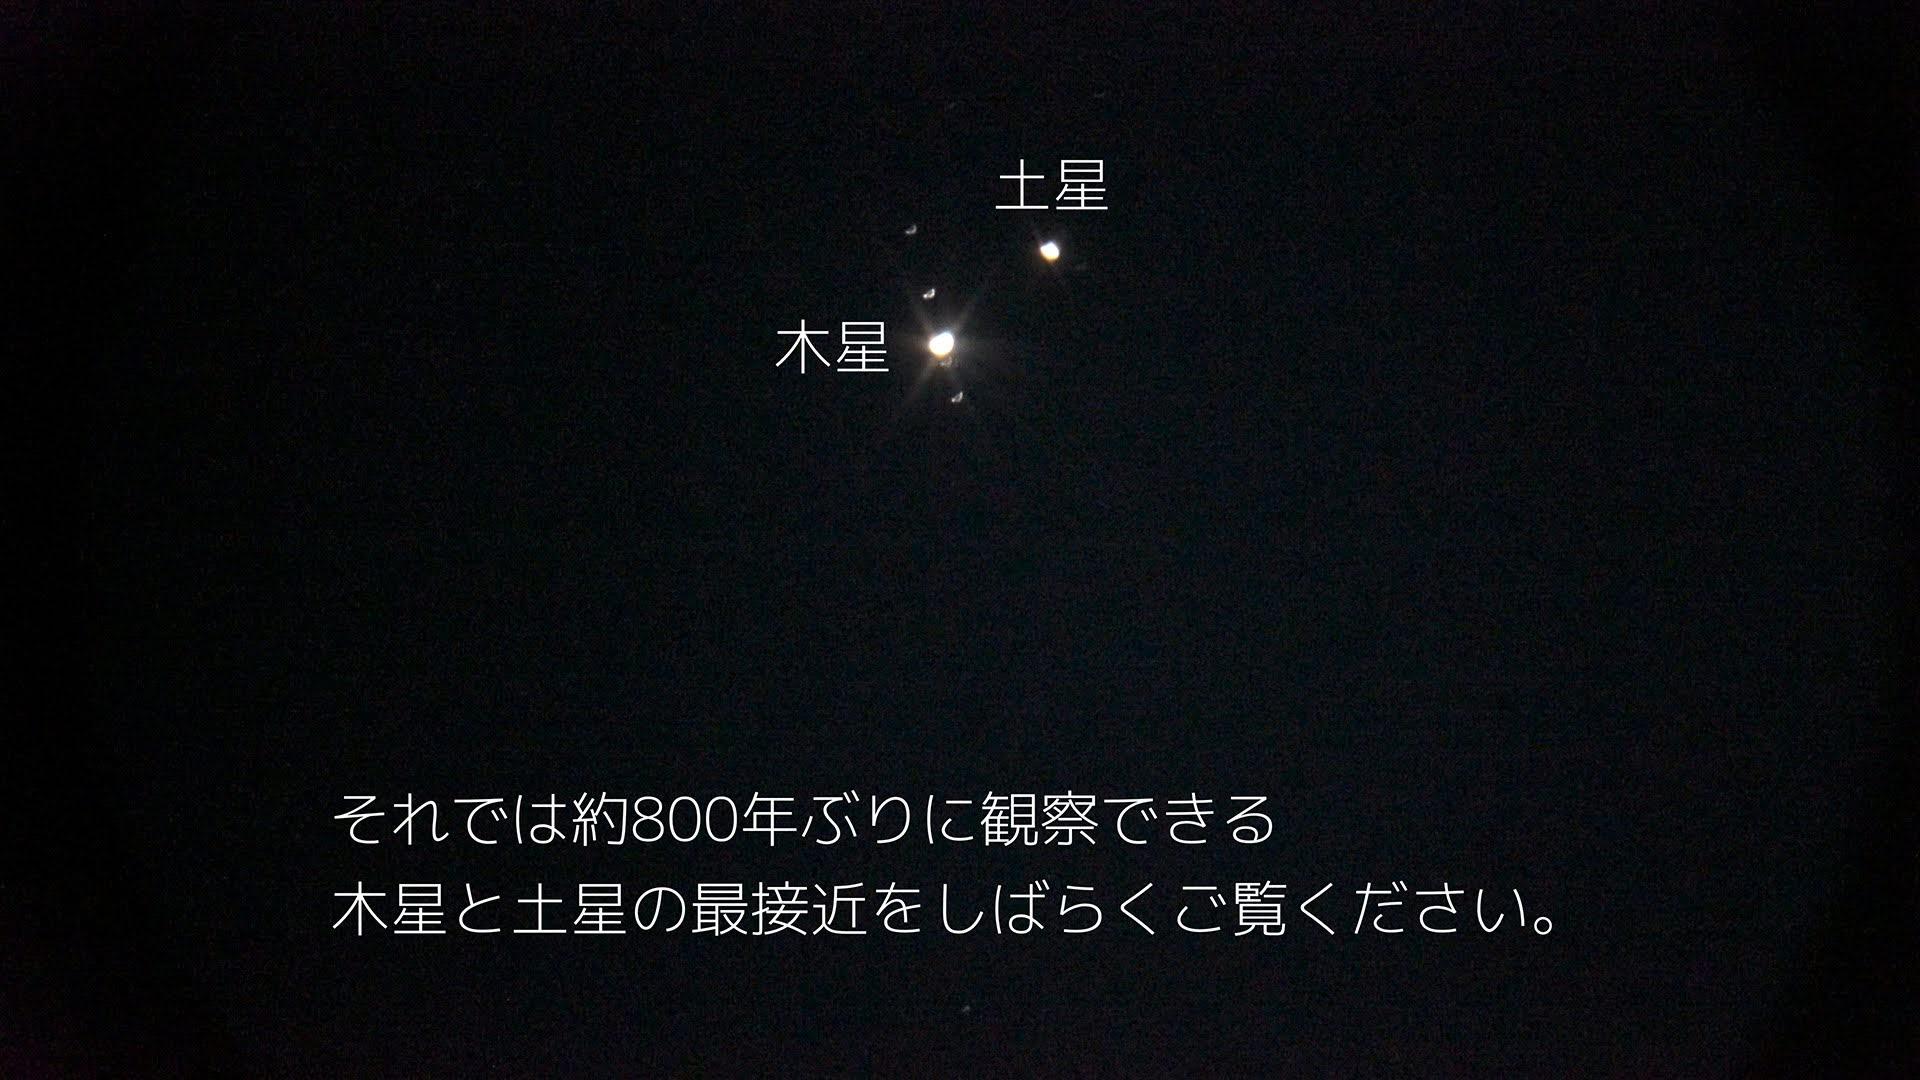 ついに木星と土星が大接近【2020年12月21日撮影】【4K】